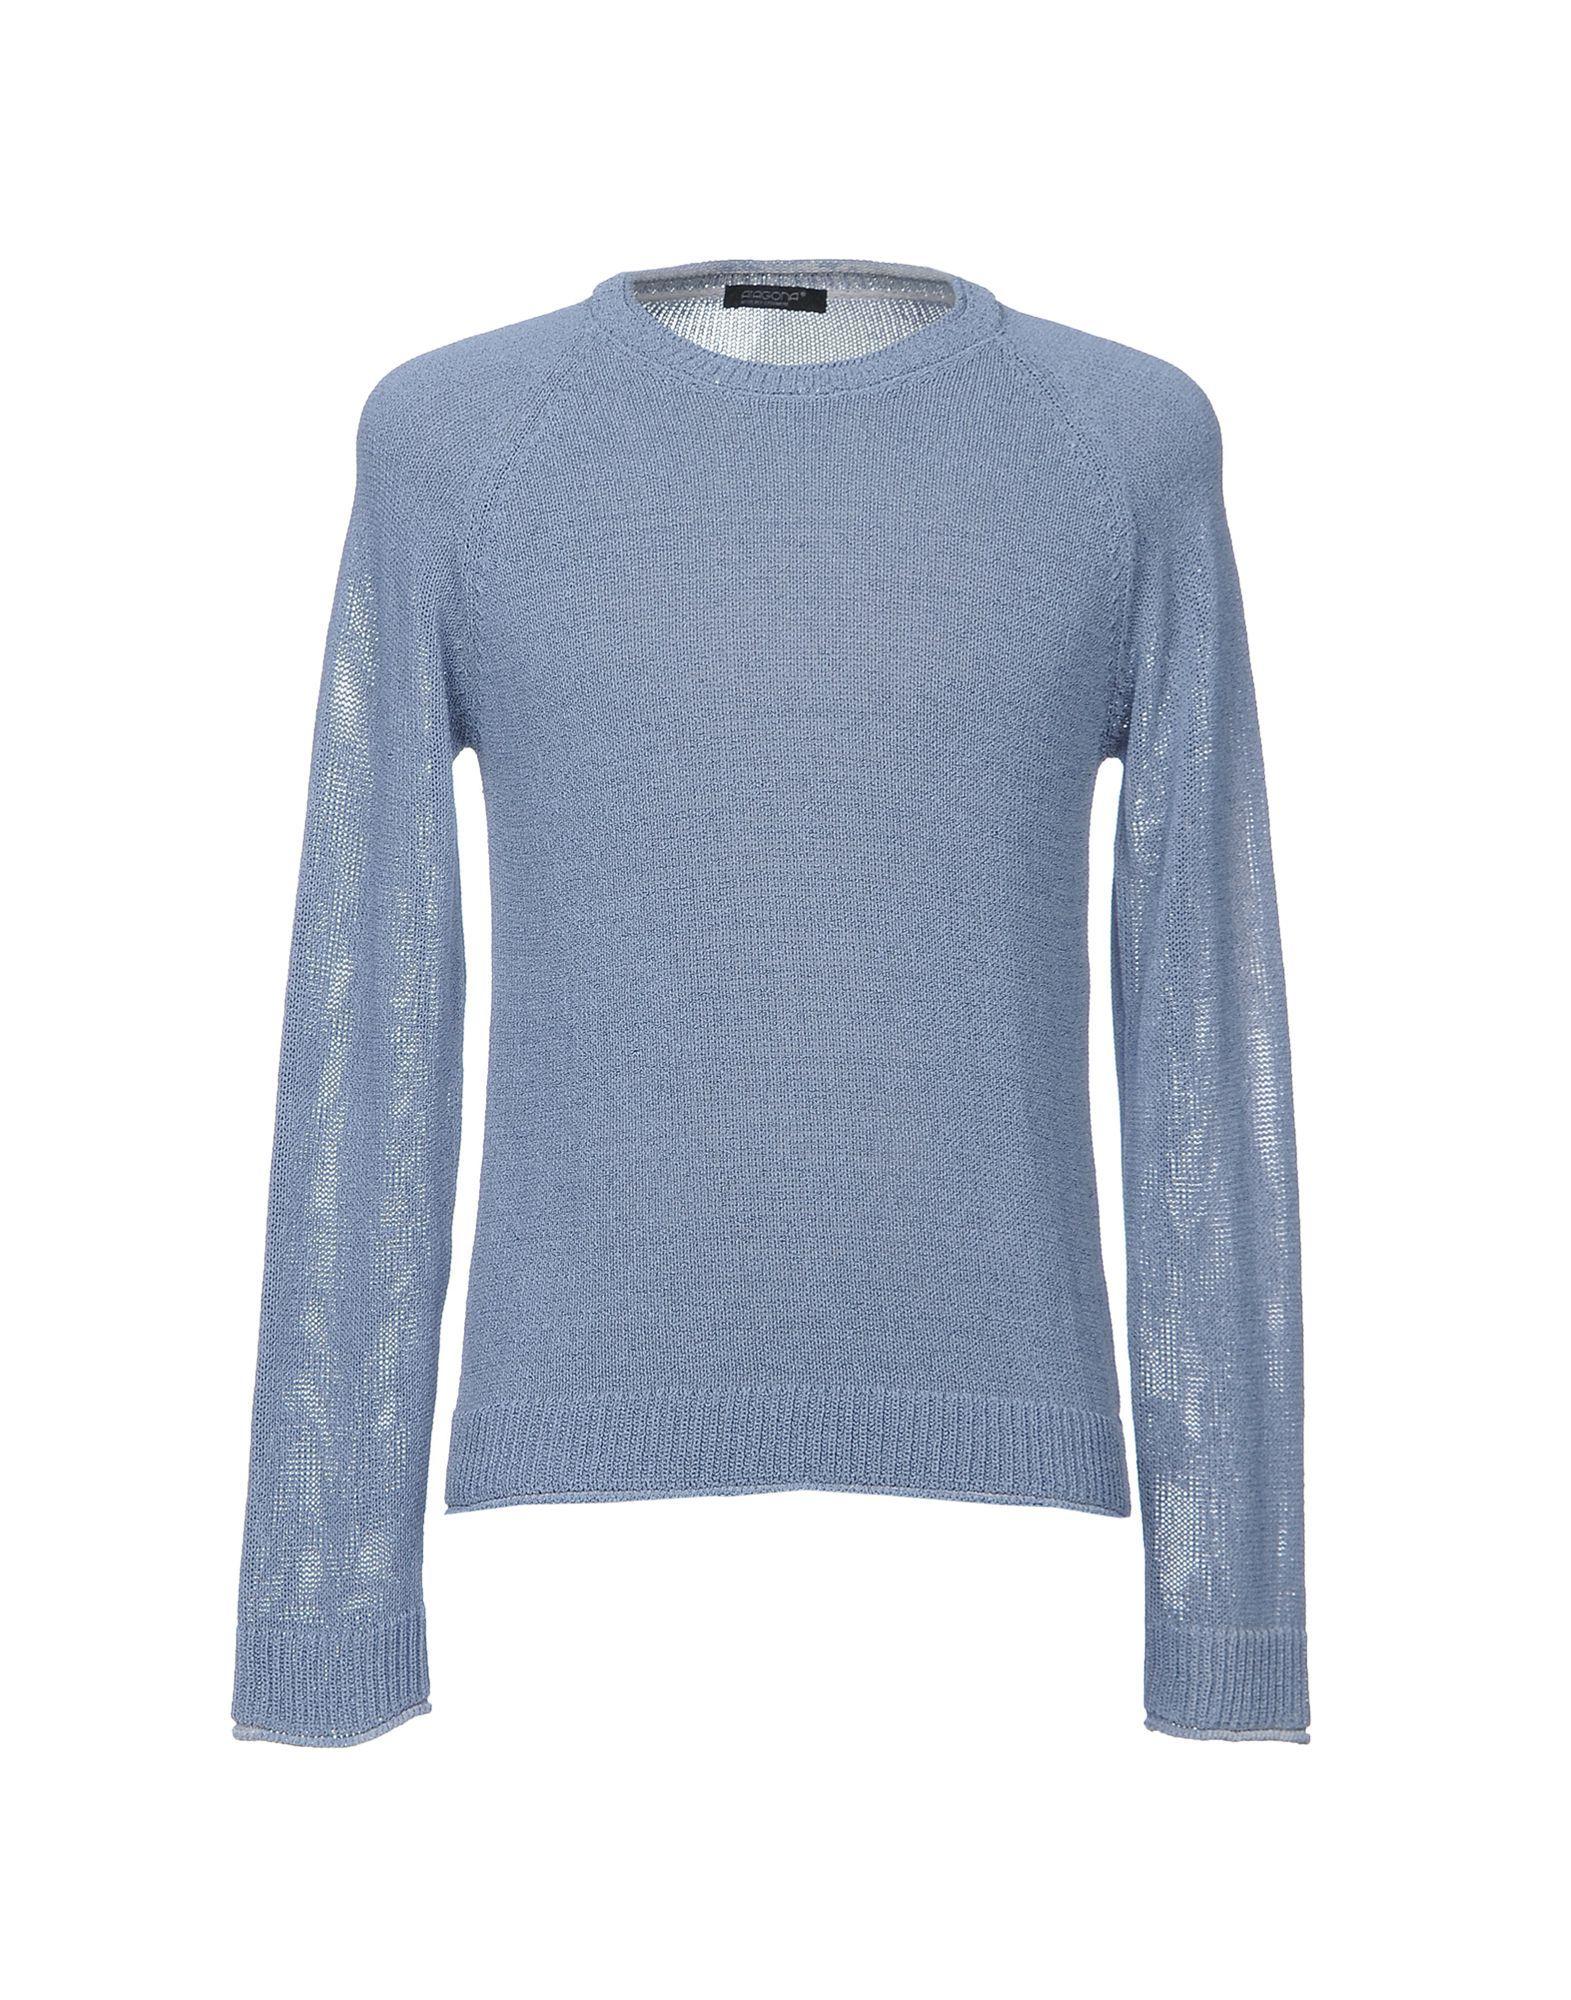 KNITWEAR Aragona Slate blue Man Cotton